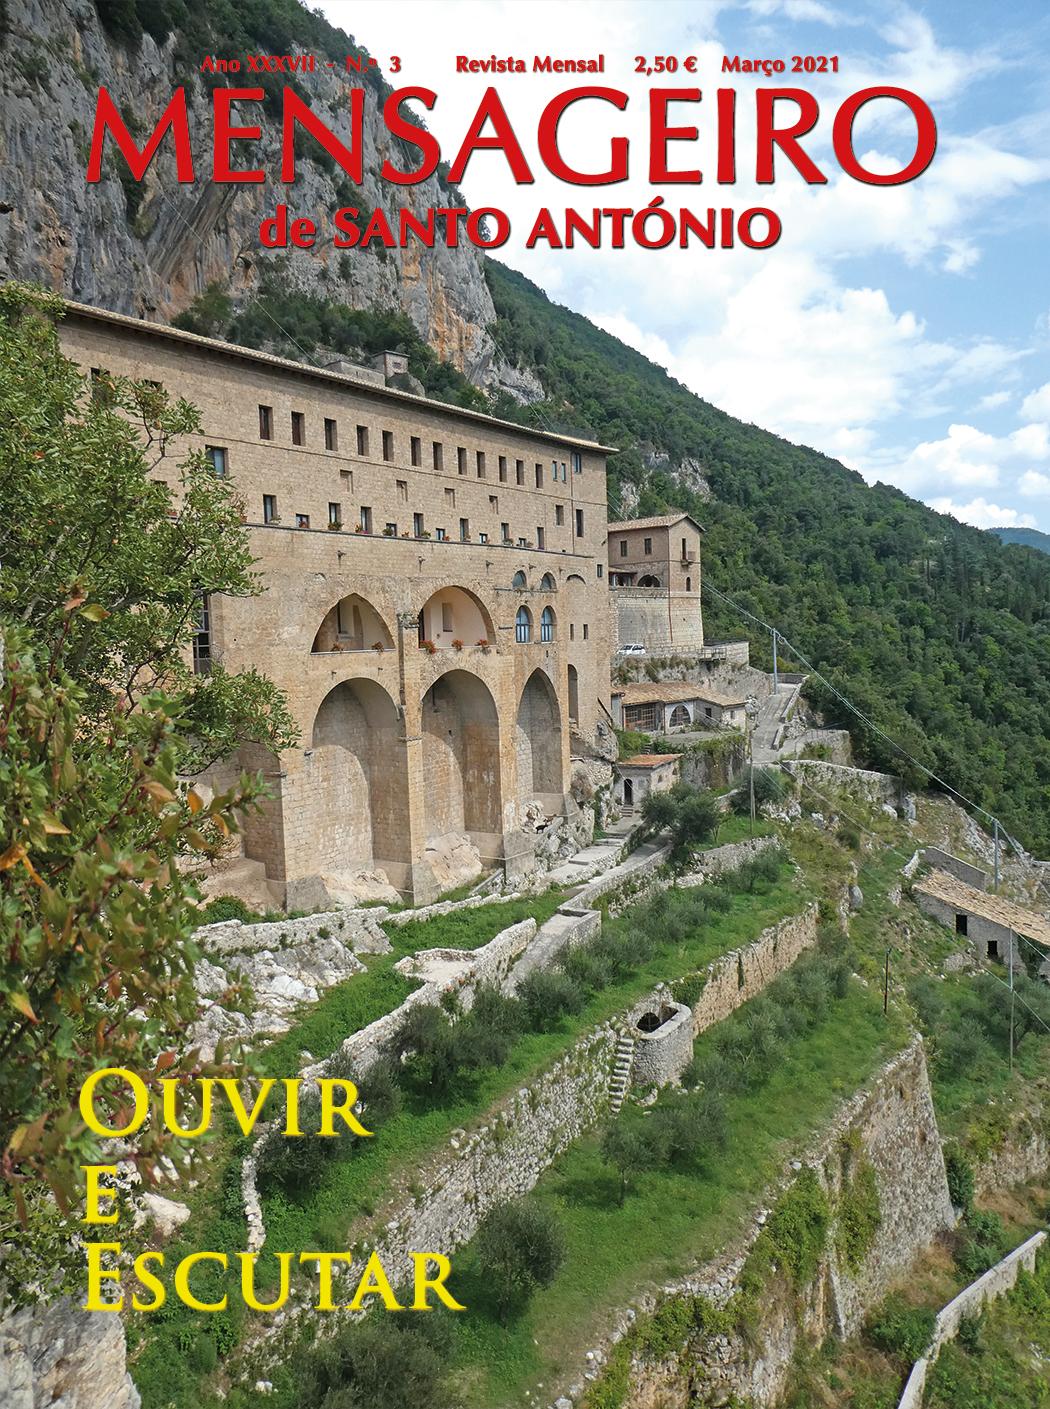 Capa março 2021: Ouvir e Escutar - mosteiro da Sagrada Caverna de São Bento, Subiaco. Foto MSA 2019